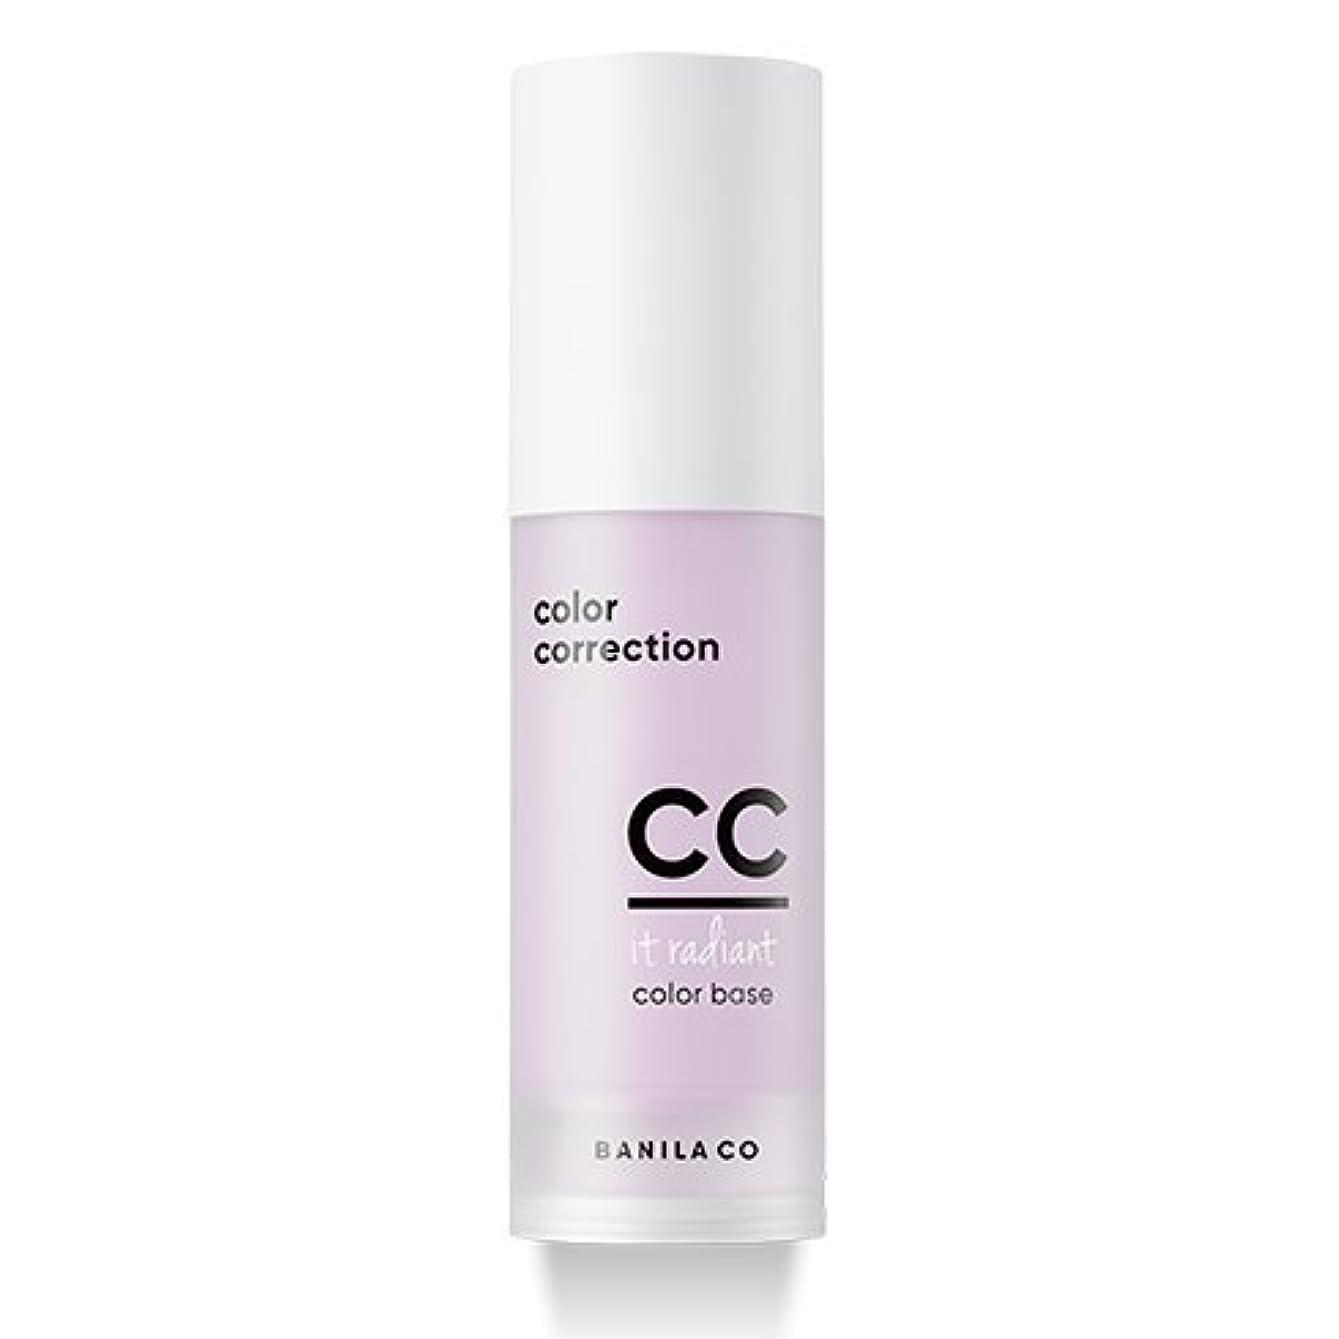 改善する家庭郵便屋さんBANILA CO It Radiant CC Color Base 30ml/バニラコ イット ラディアント CC カラー ベース 30ml (#Lavender) [並行輸入品]